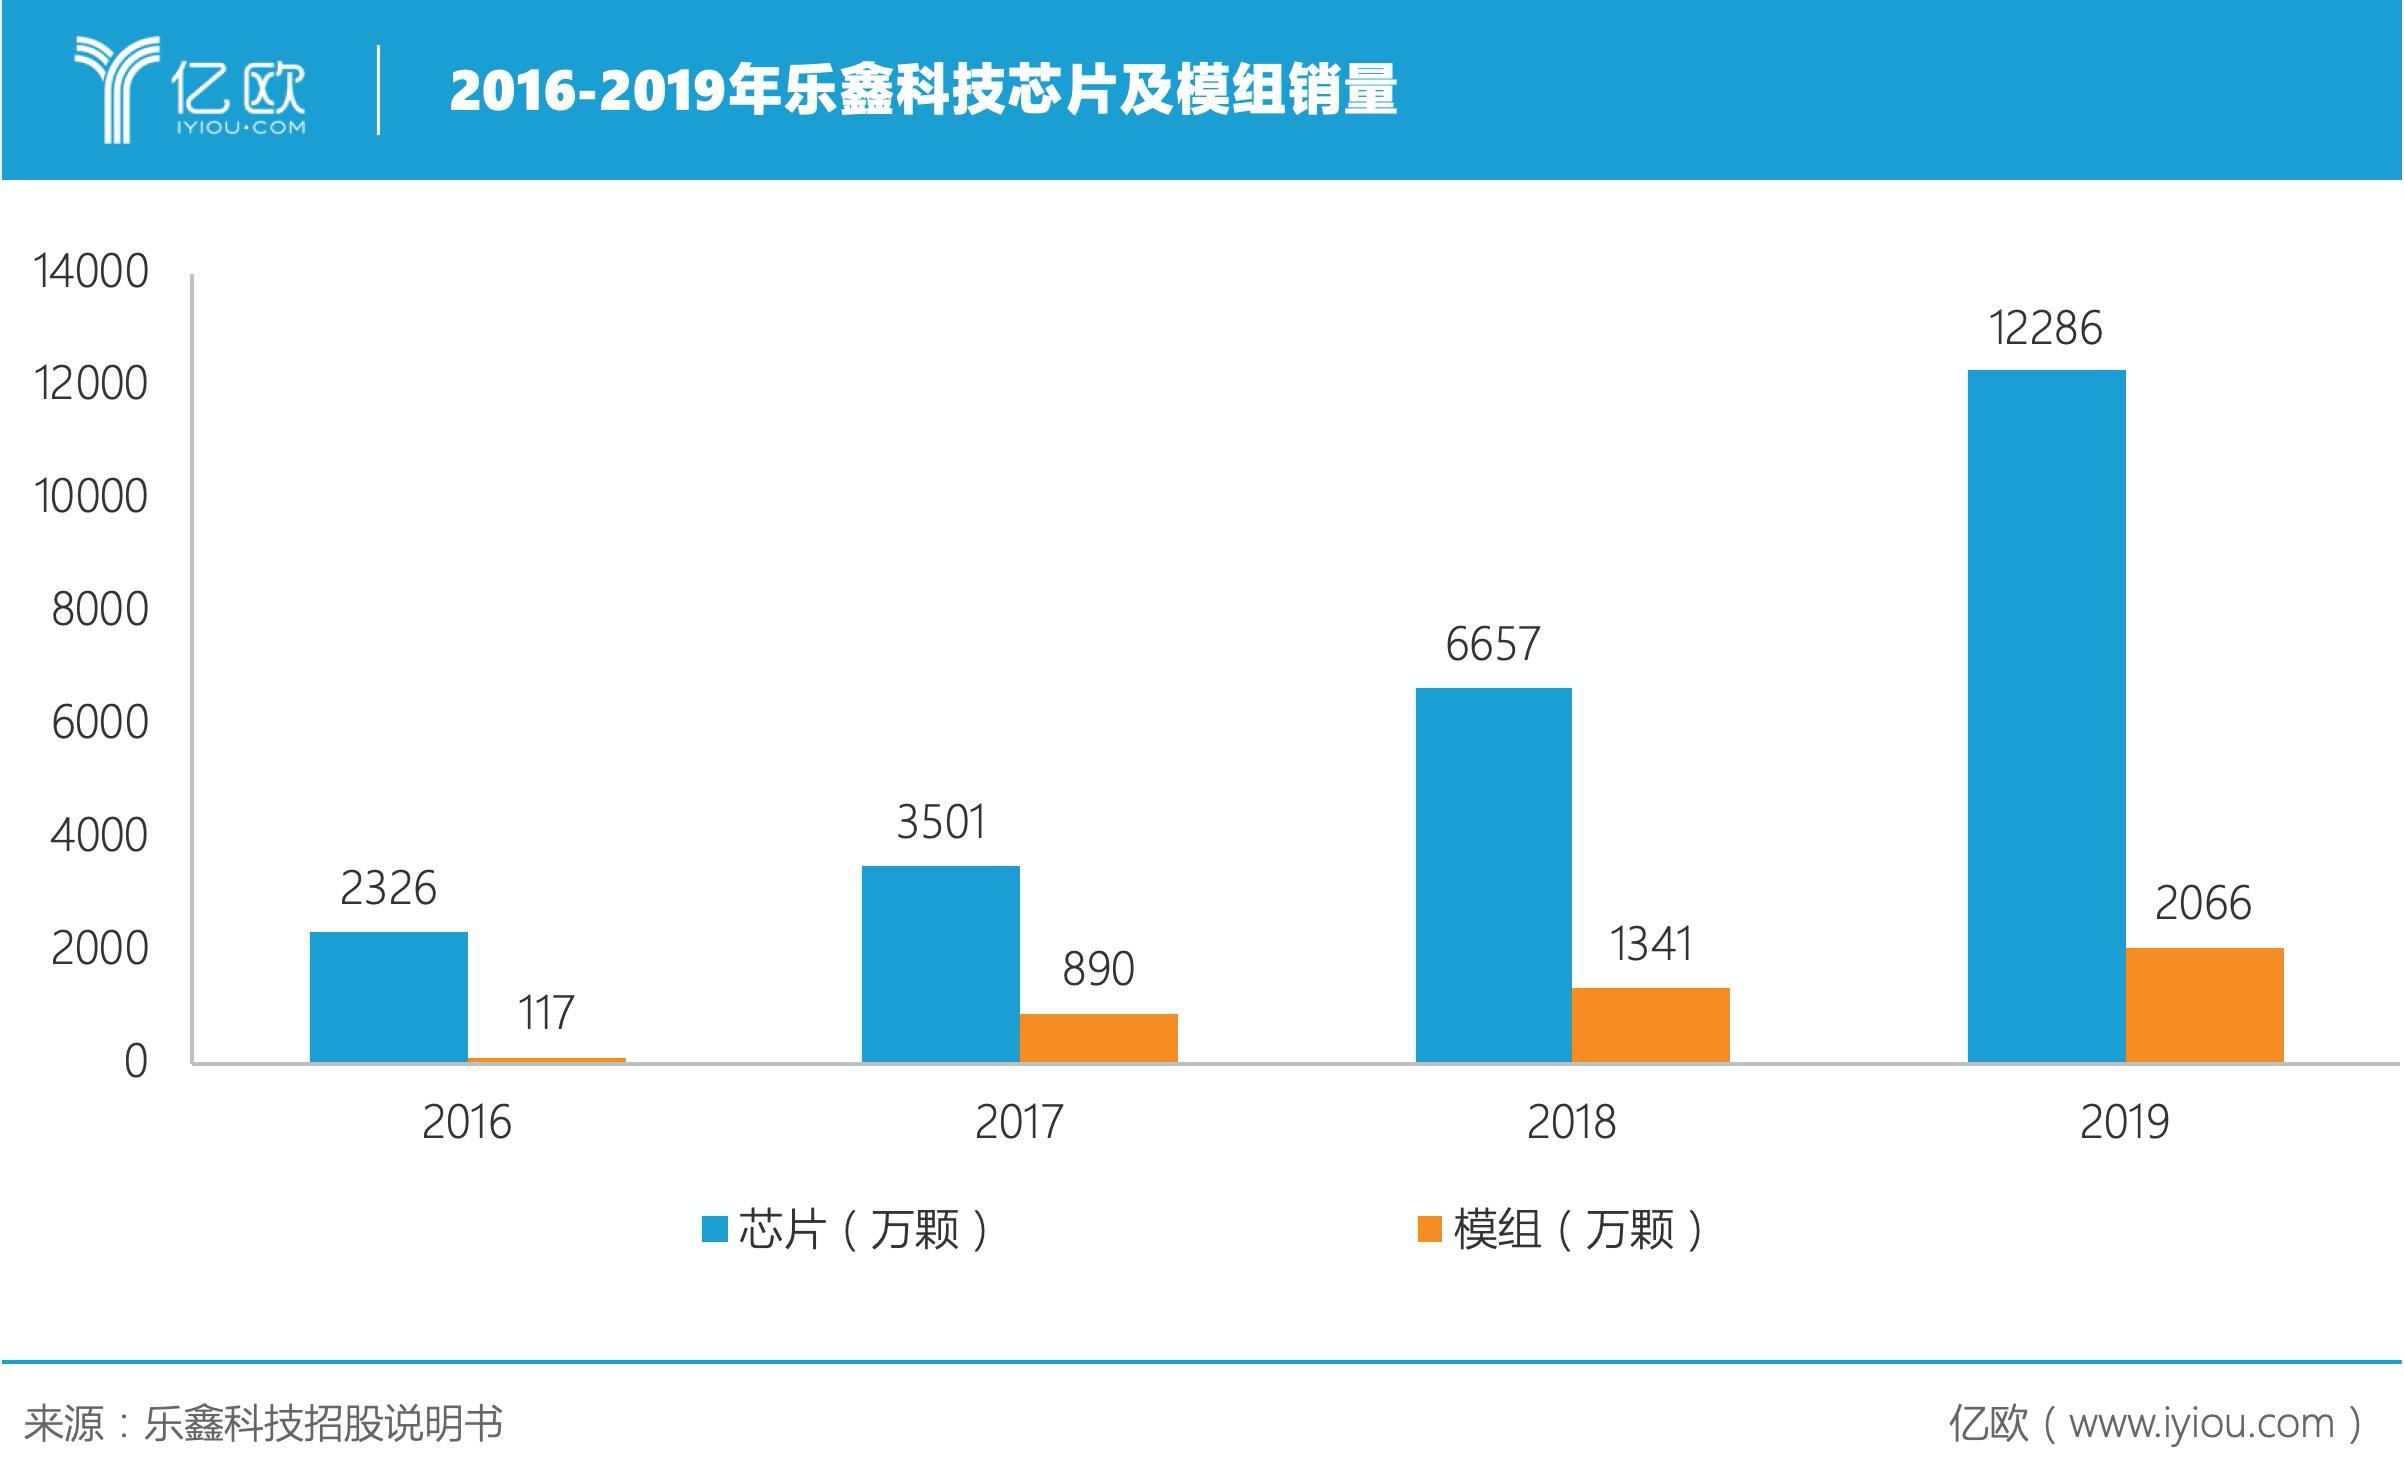 2016-2019年乐鑫科技芯片及模组销量.png